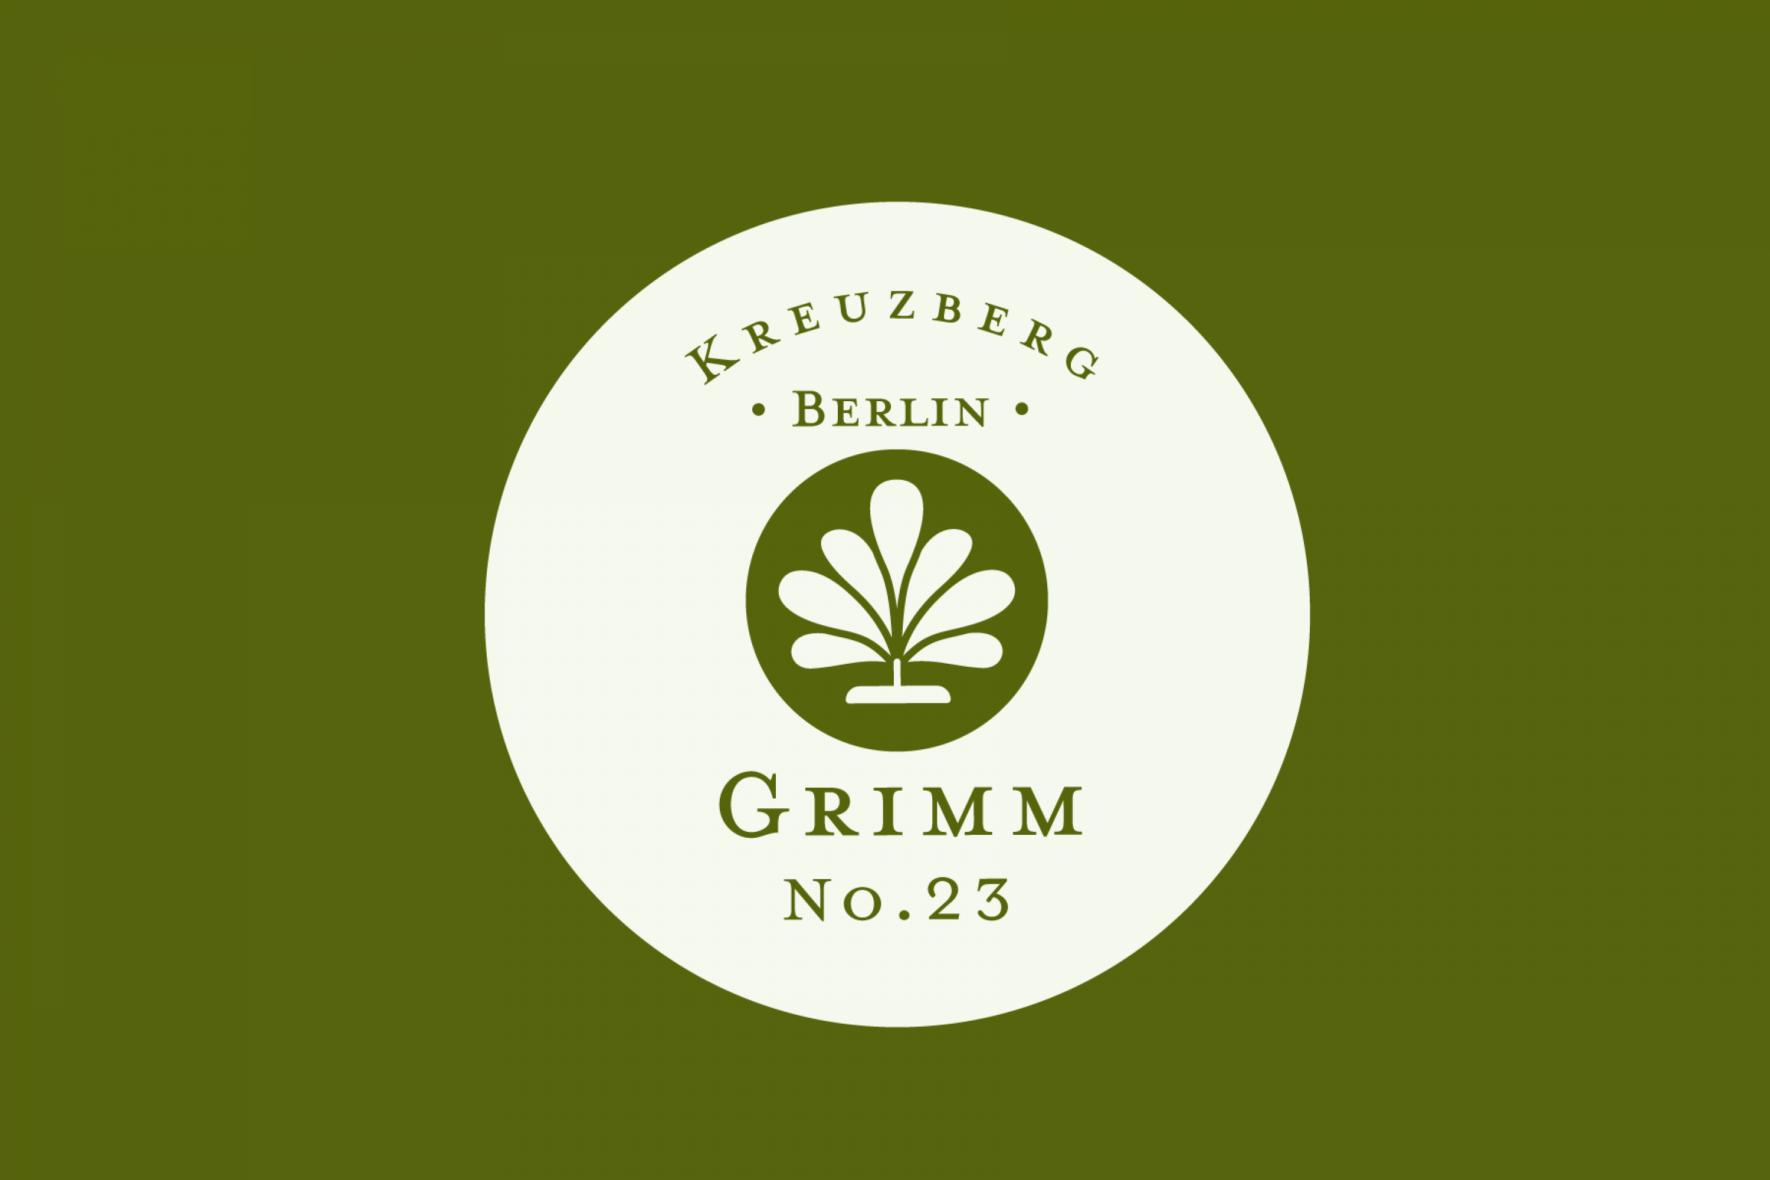 Vorschau-Bild: Immobilienbranding für die Grimmstraße 23 in Berlin